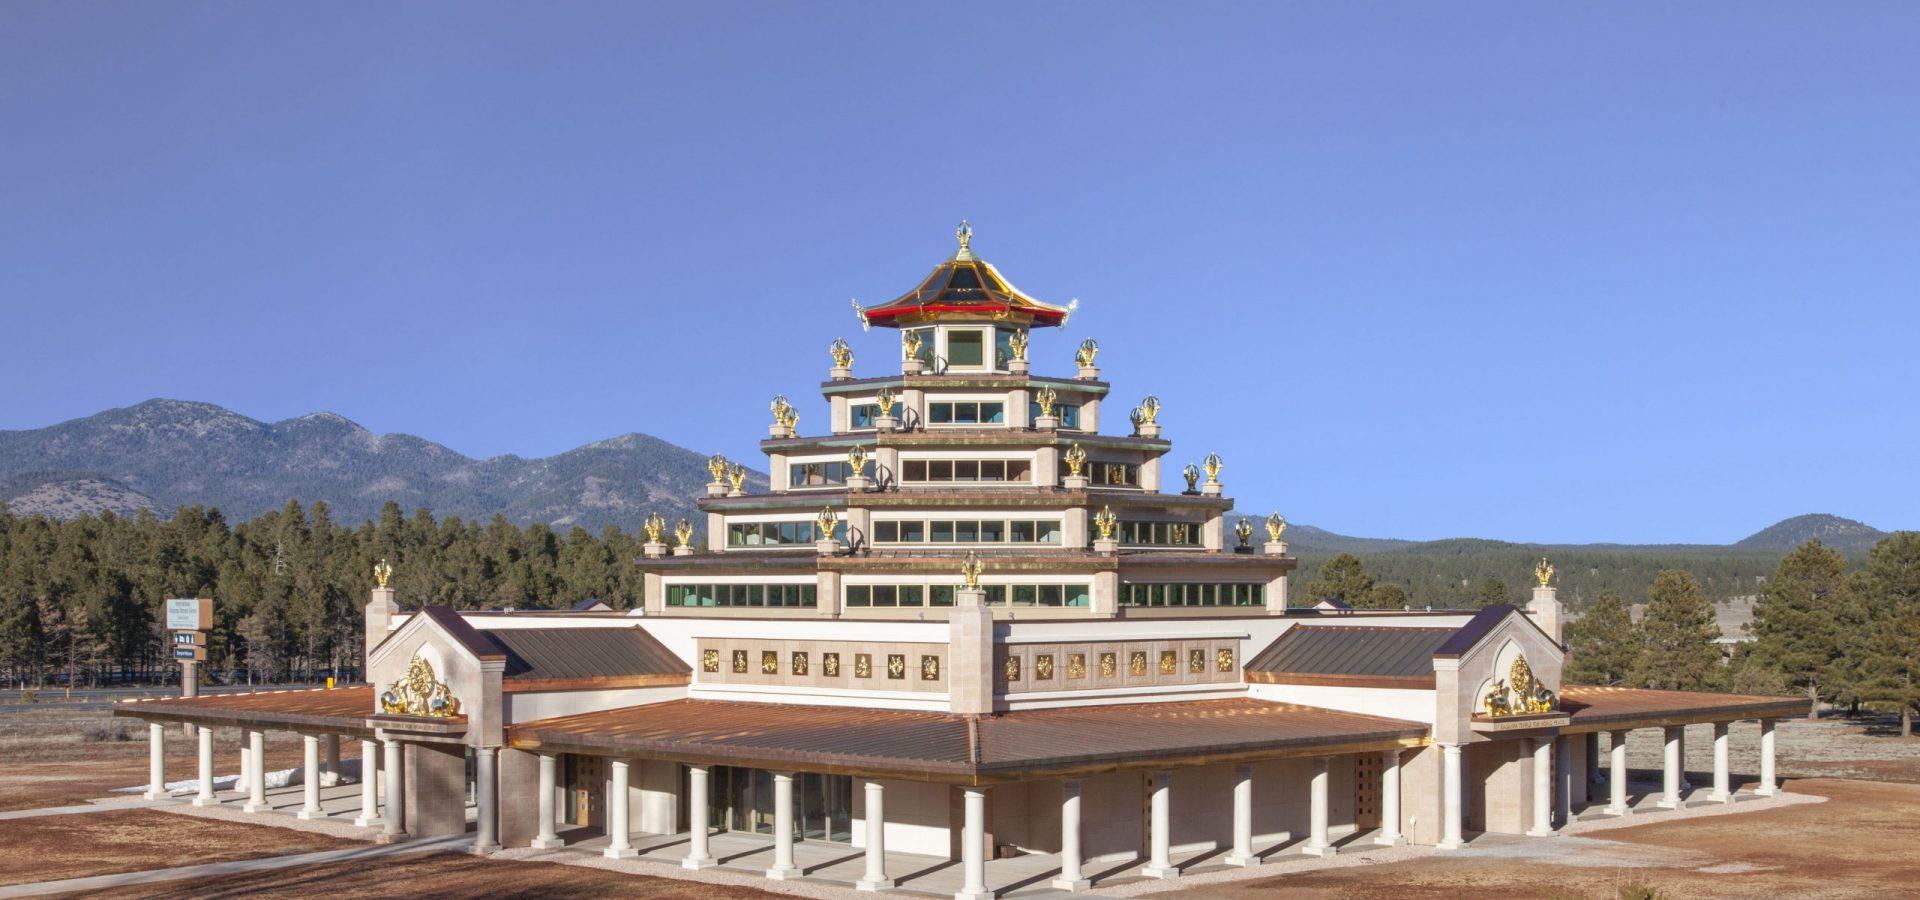 az temple